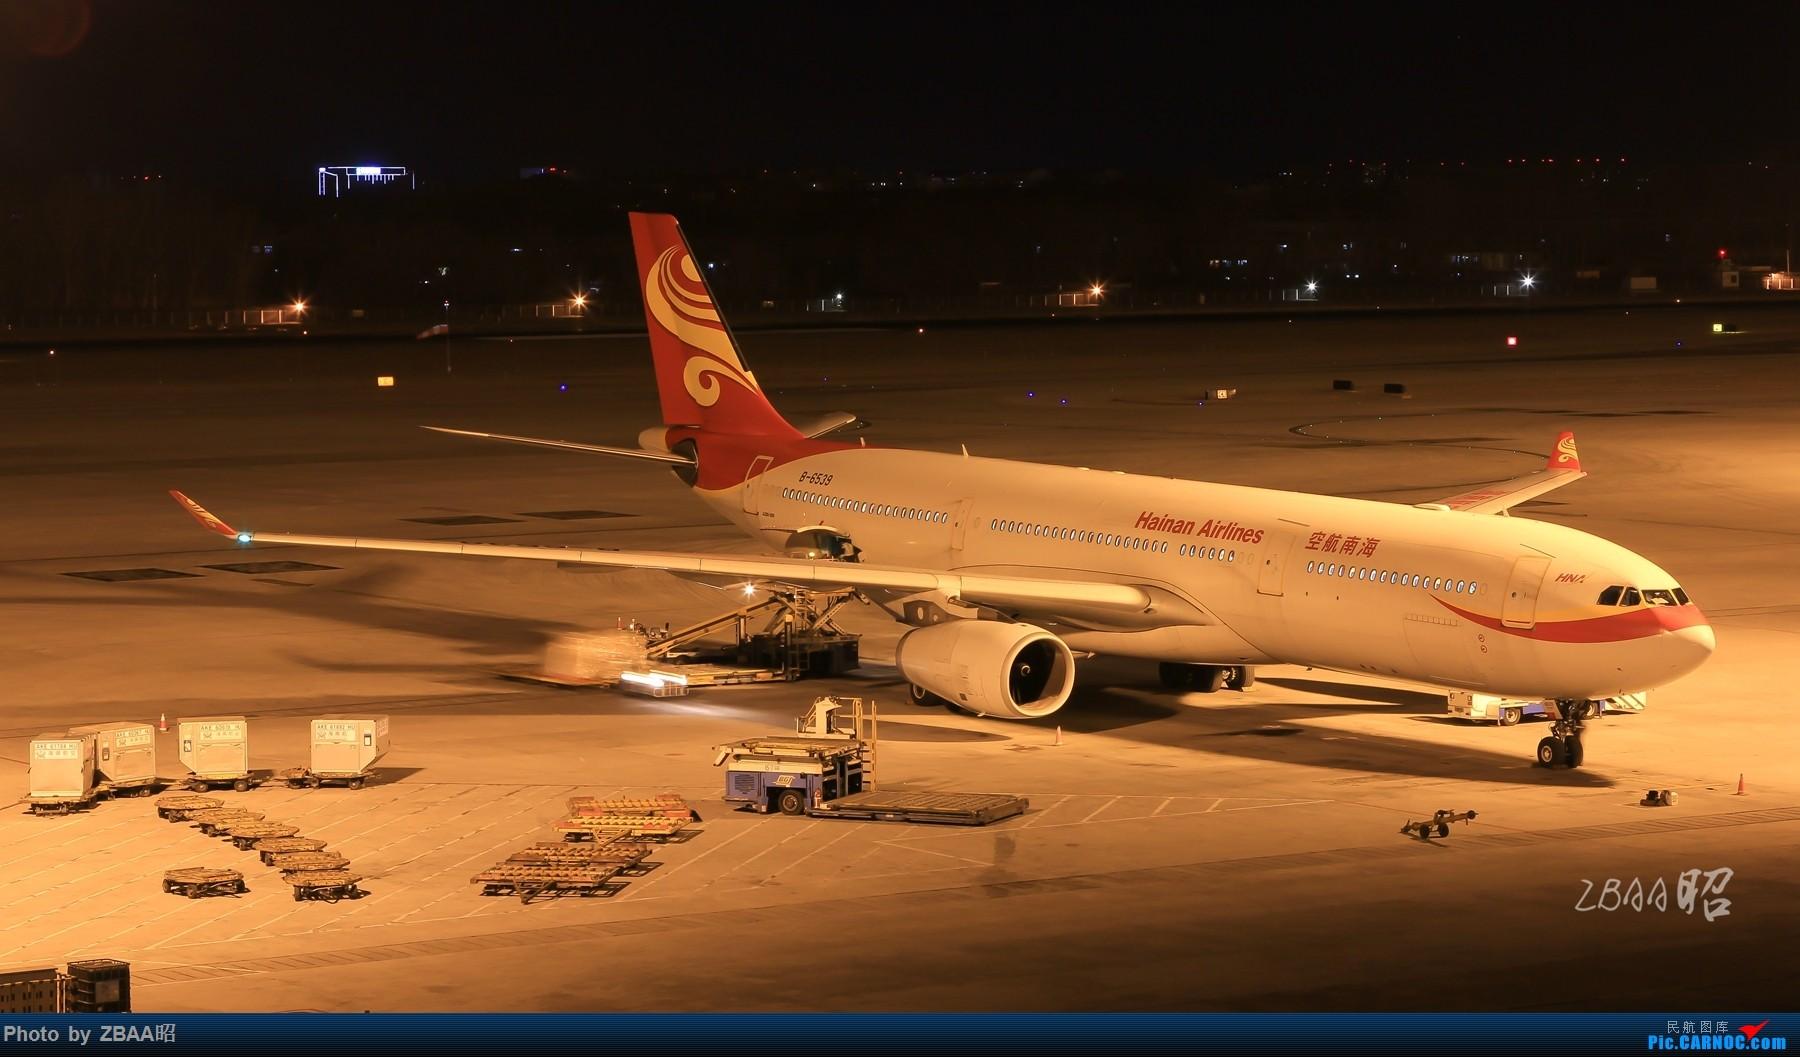 [原创]飞友聚会后的独自疯狂,格林豪泰隔天怒打ZBAA 36L跑道,夜拍海航宽体机,寒风中坚守楼顶阵地 AIRBUS A330-300 B-6539 中国北京首都国际机场